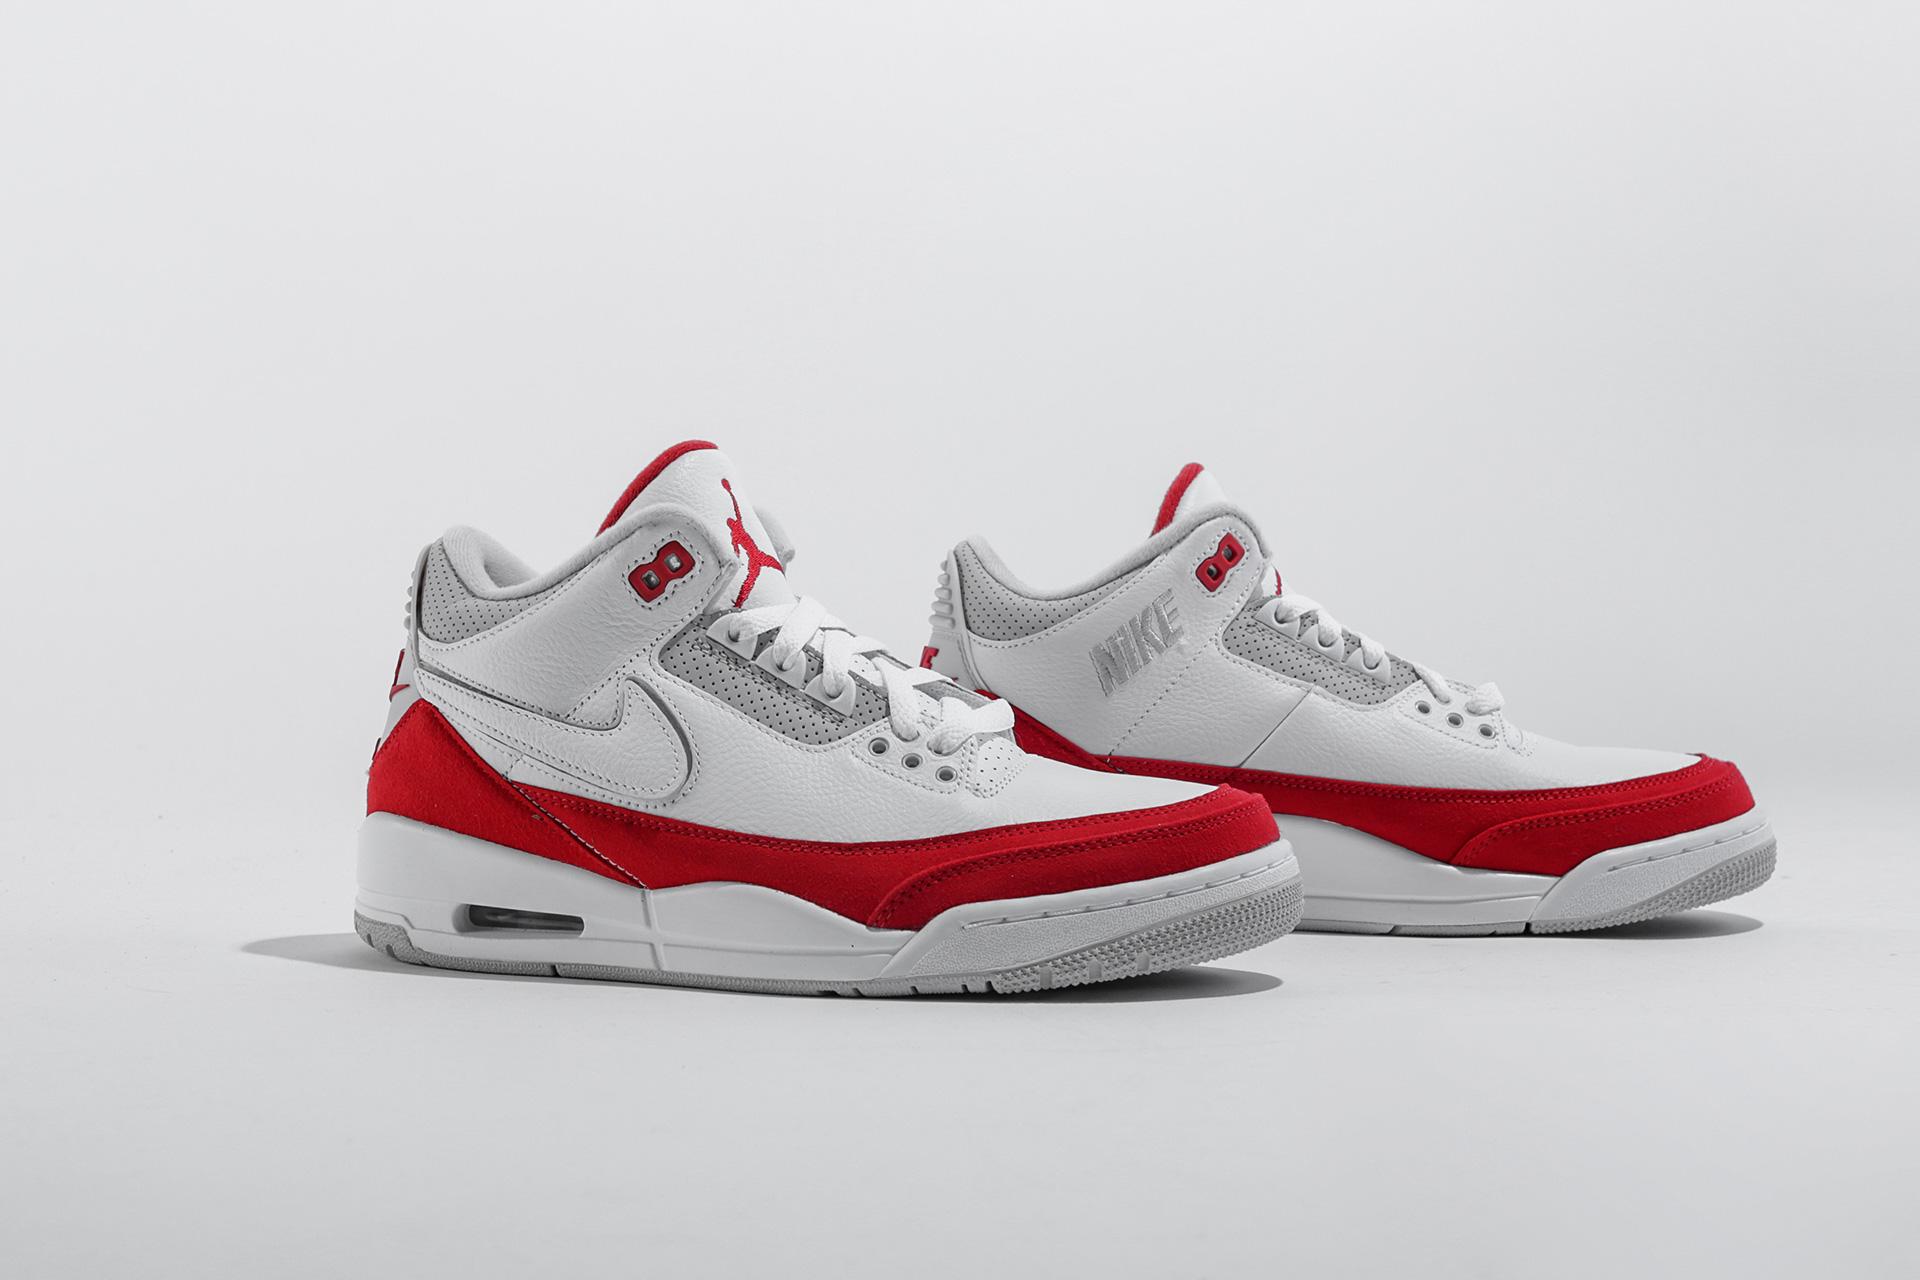 bd866e69 Купить белые мужские кроссовки 3 Retro TH SP от Jordan (CJ0939-100 ...